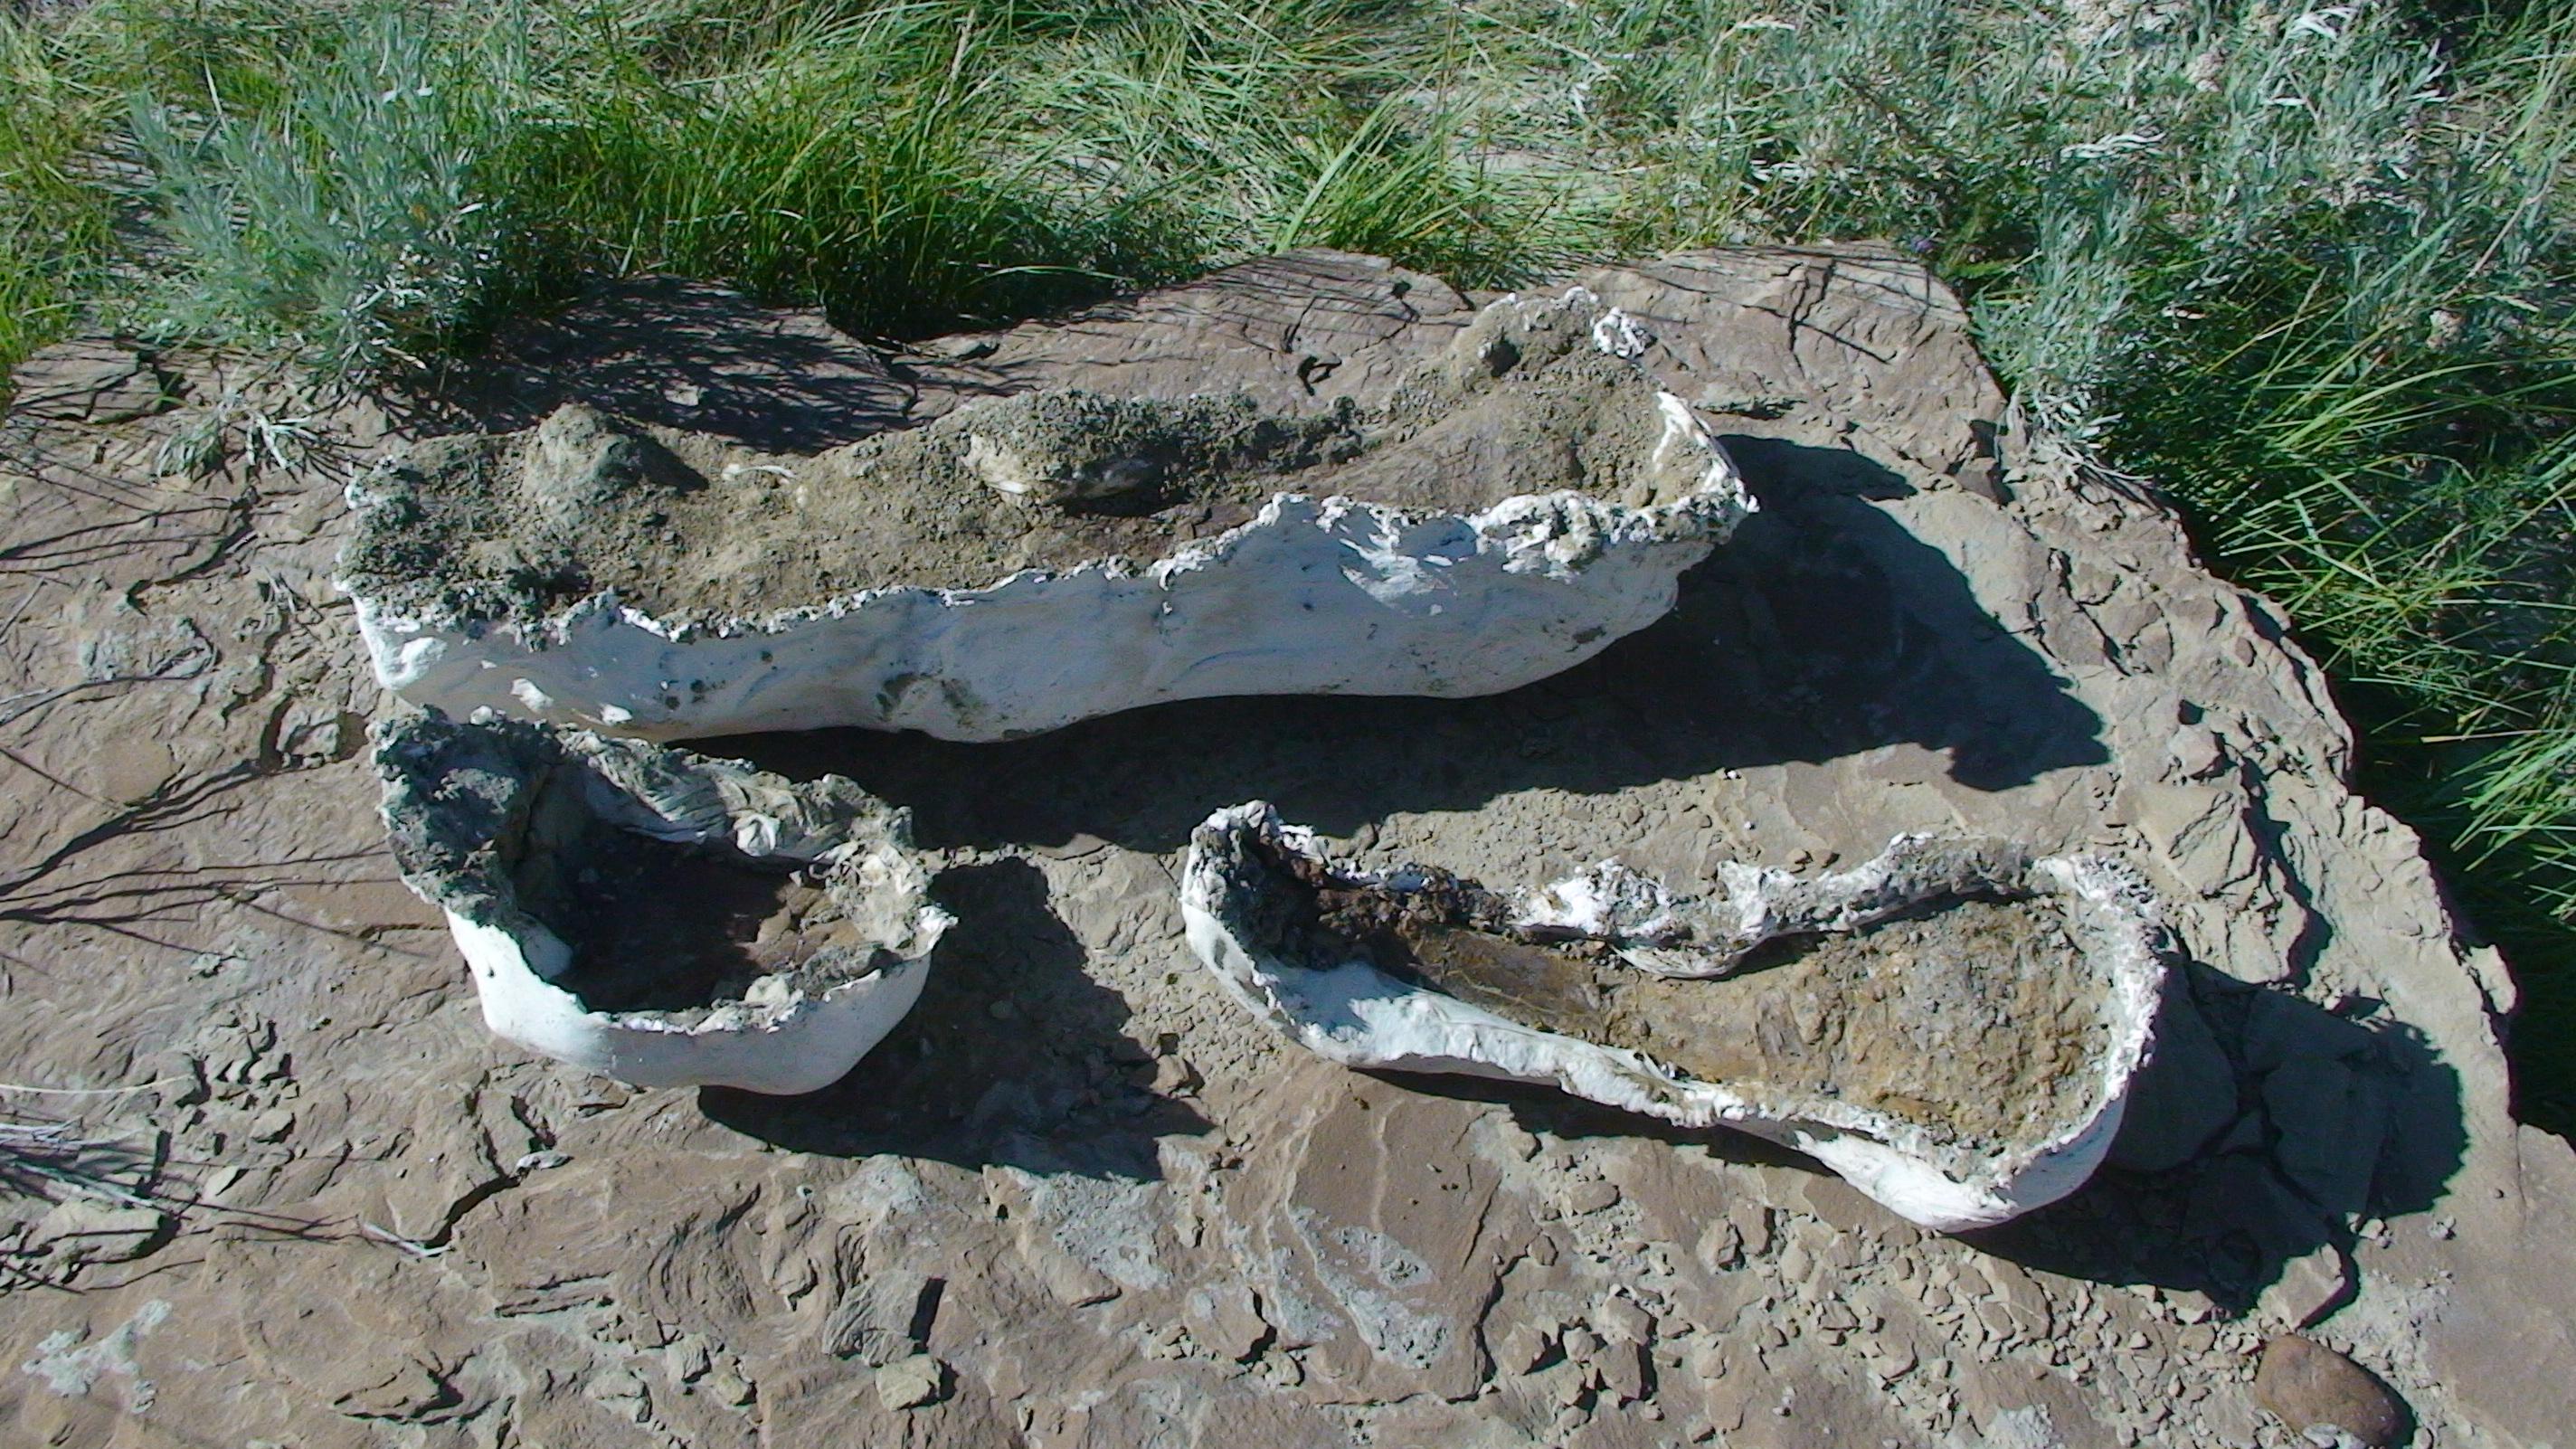 Hadrosaur bones in plaster jackets.